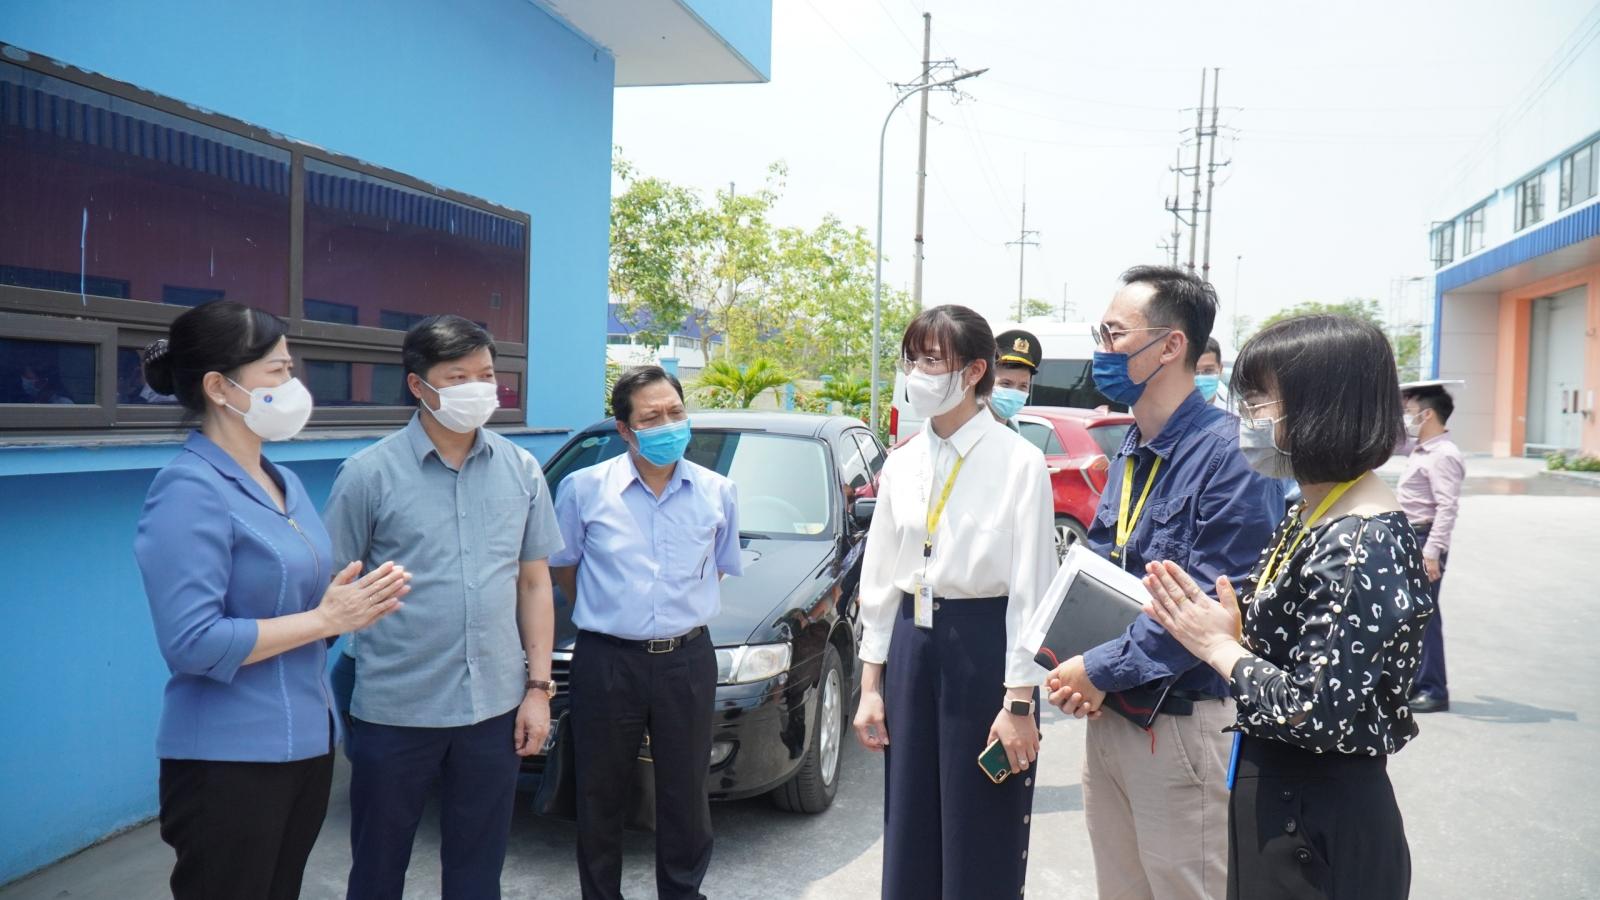 Công nhân tại Bắc Ninh sẽ ăn, ở, làm việc trong nhà máy từ 2/6